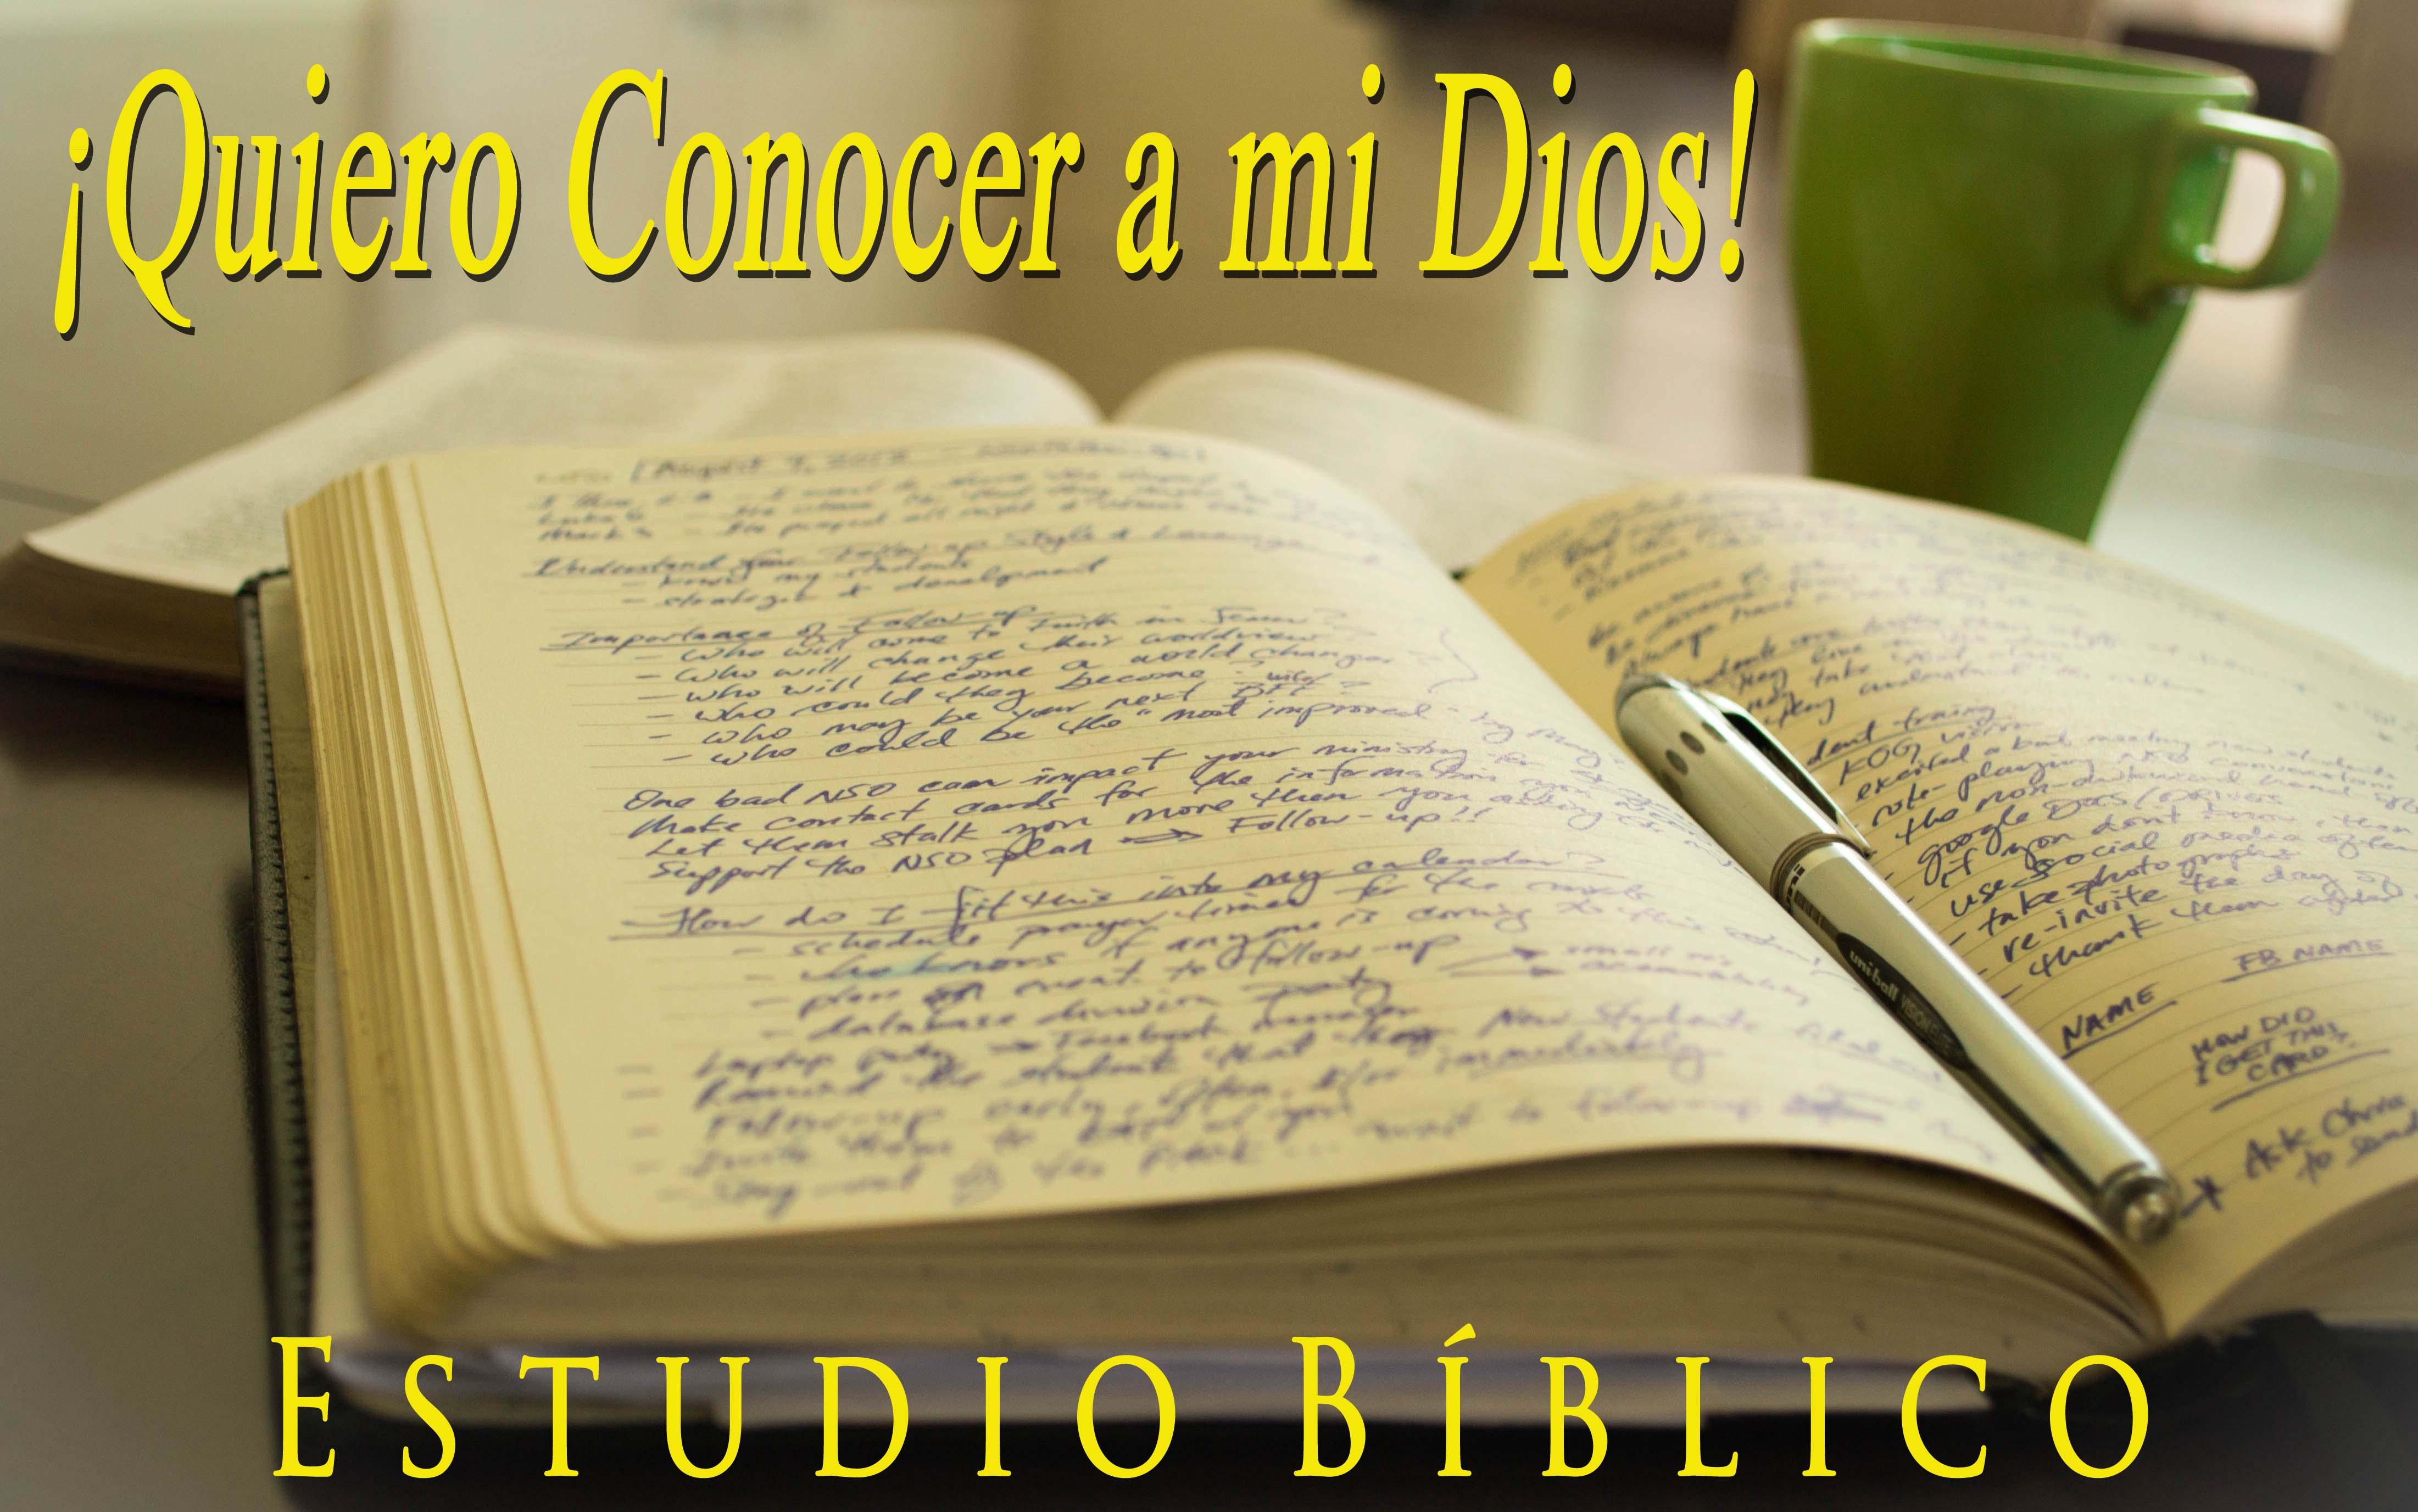 estudio biblico bautista: